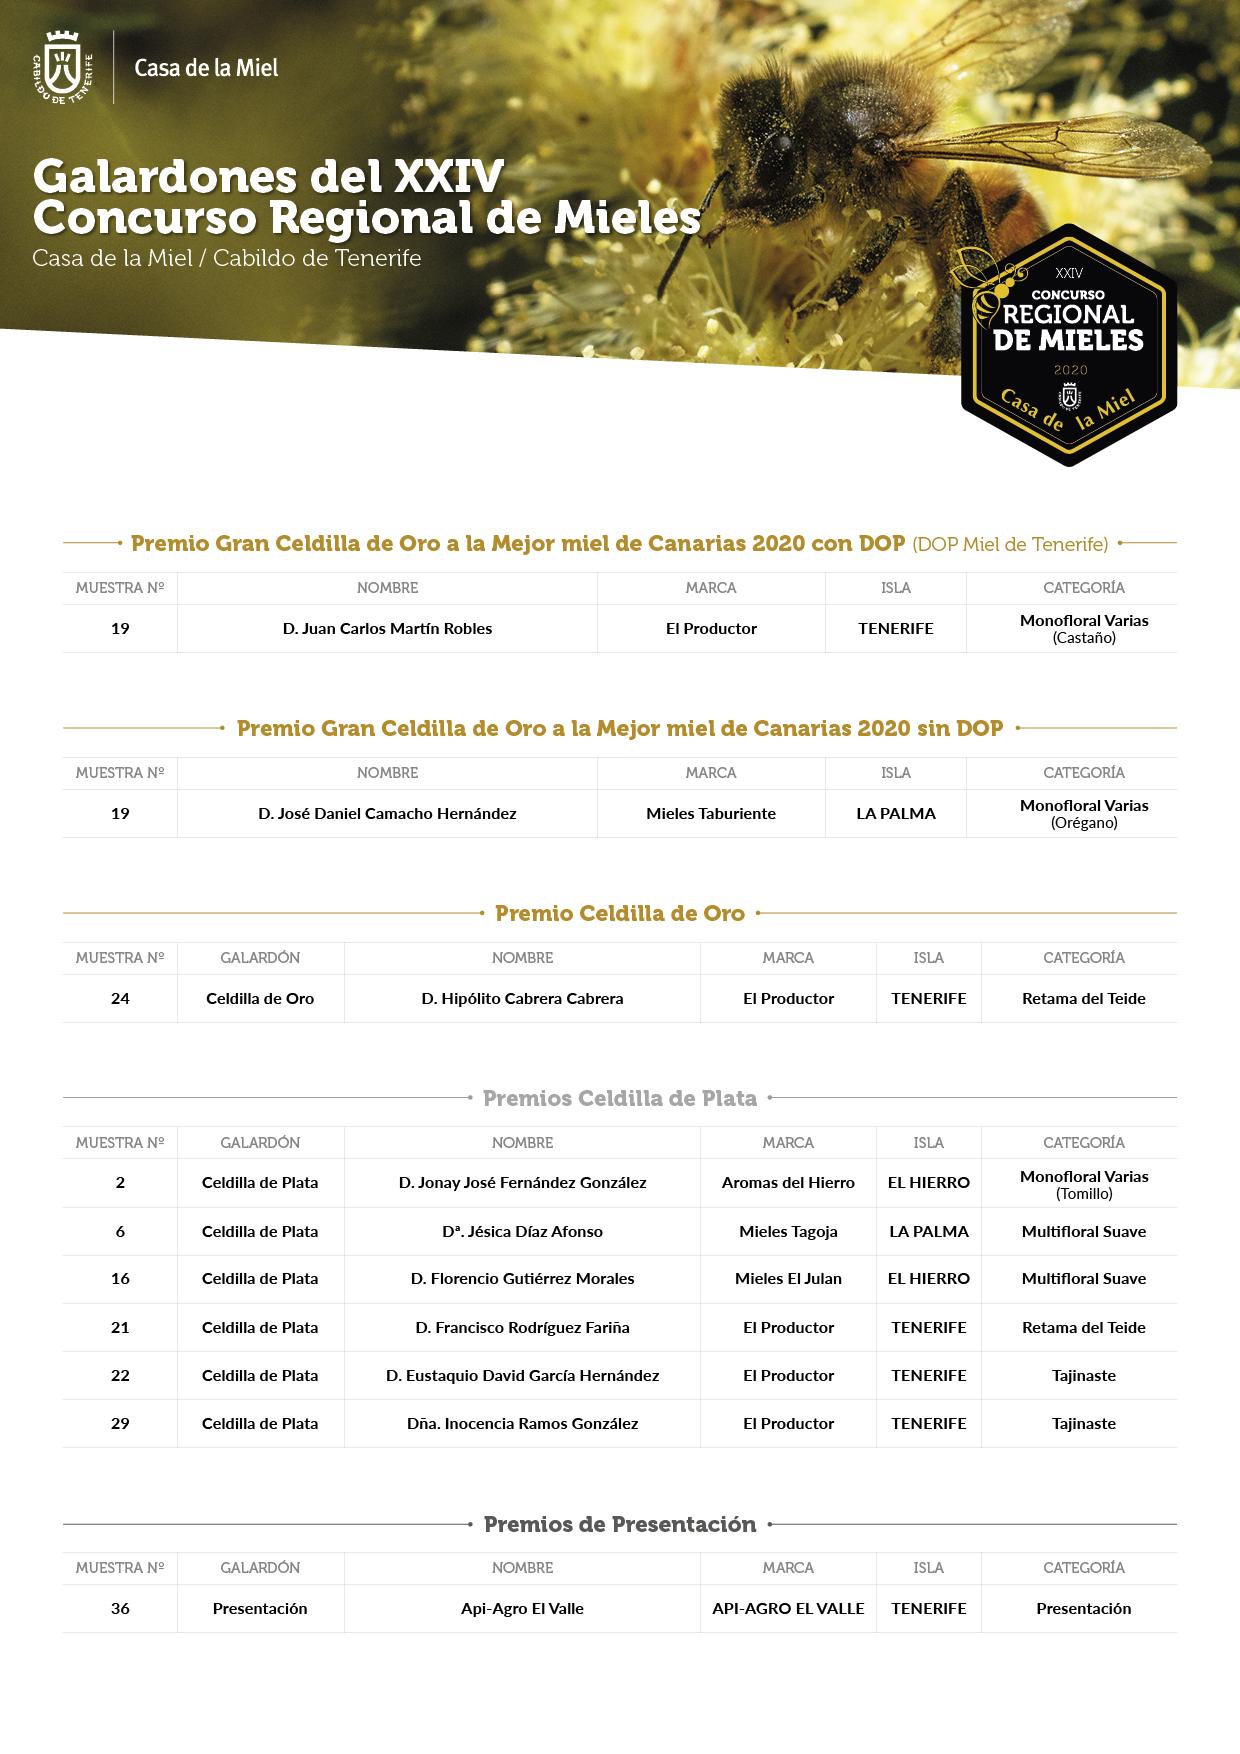 galardones XXIV concurso de mieels casa de la miel